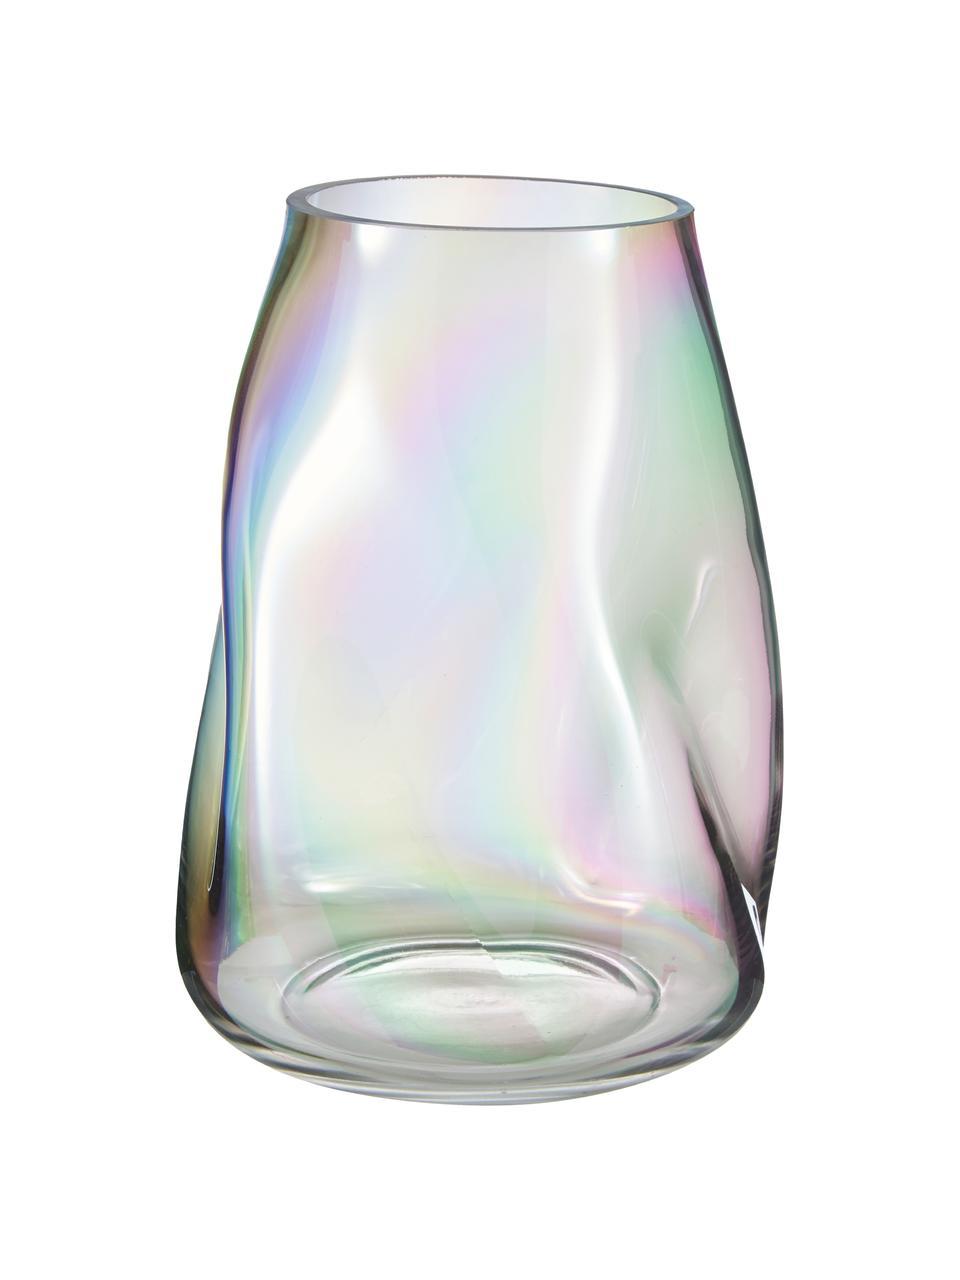 Vaso in vetro soffiato Rainbow, Vetro soffiato, Multicolore, Ø 19 x Alt. 26 cm